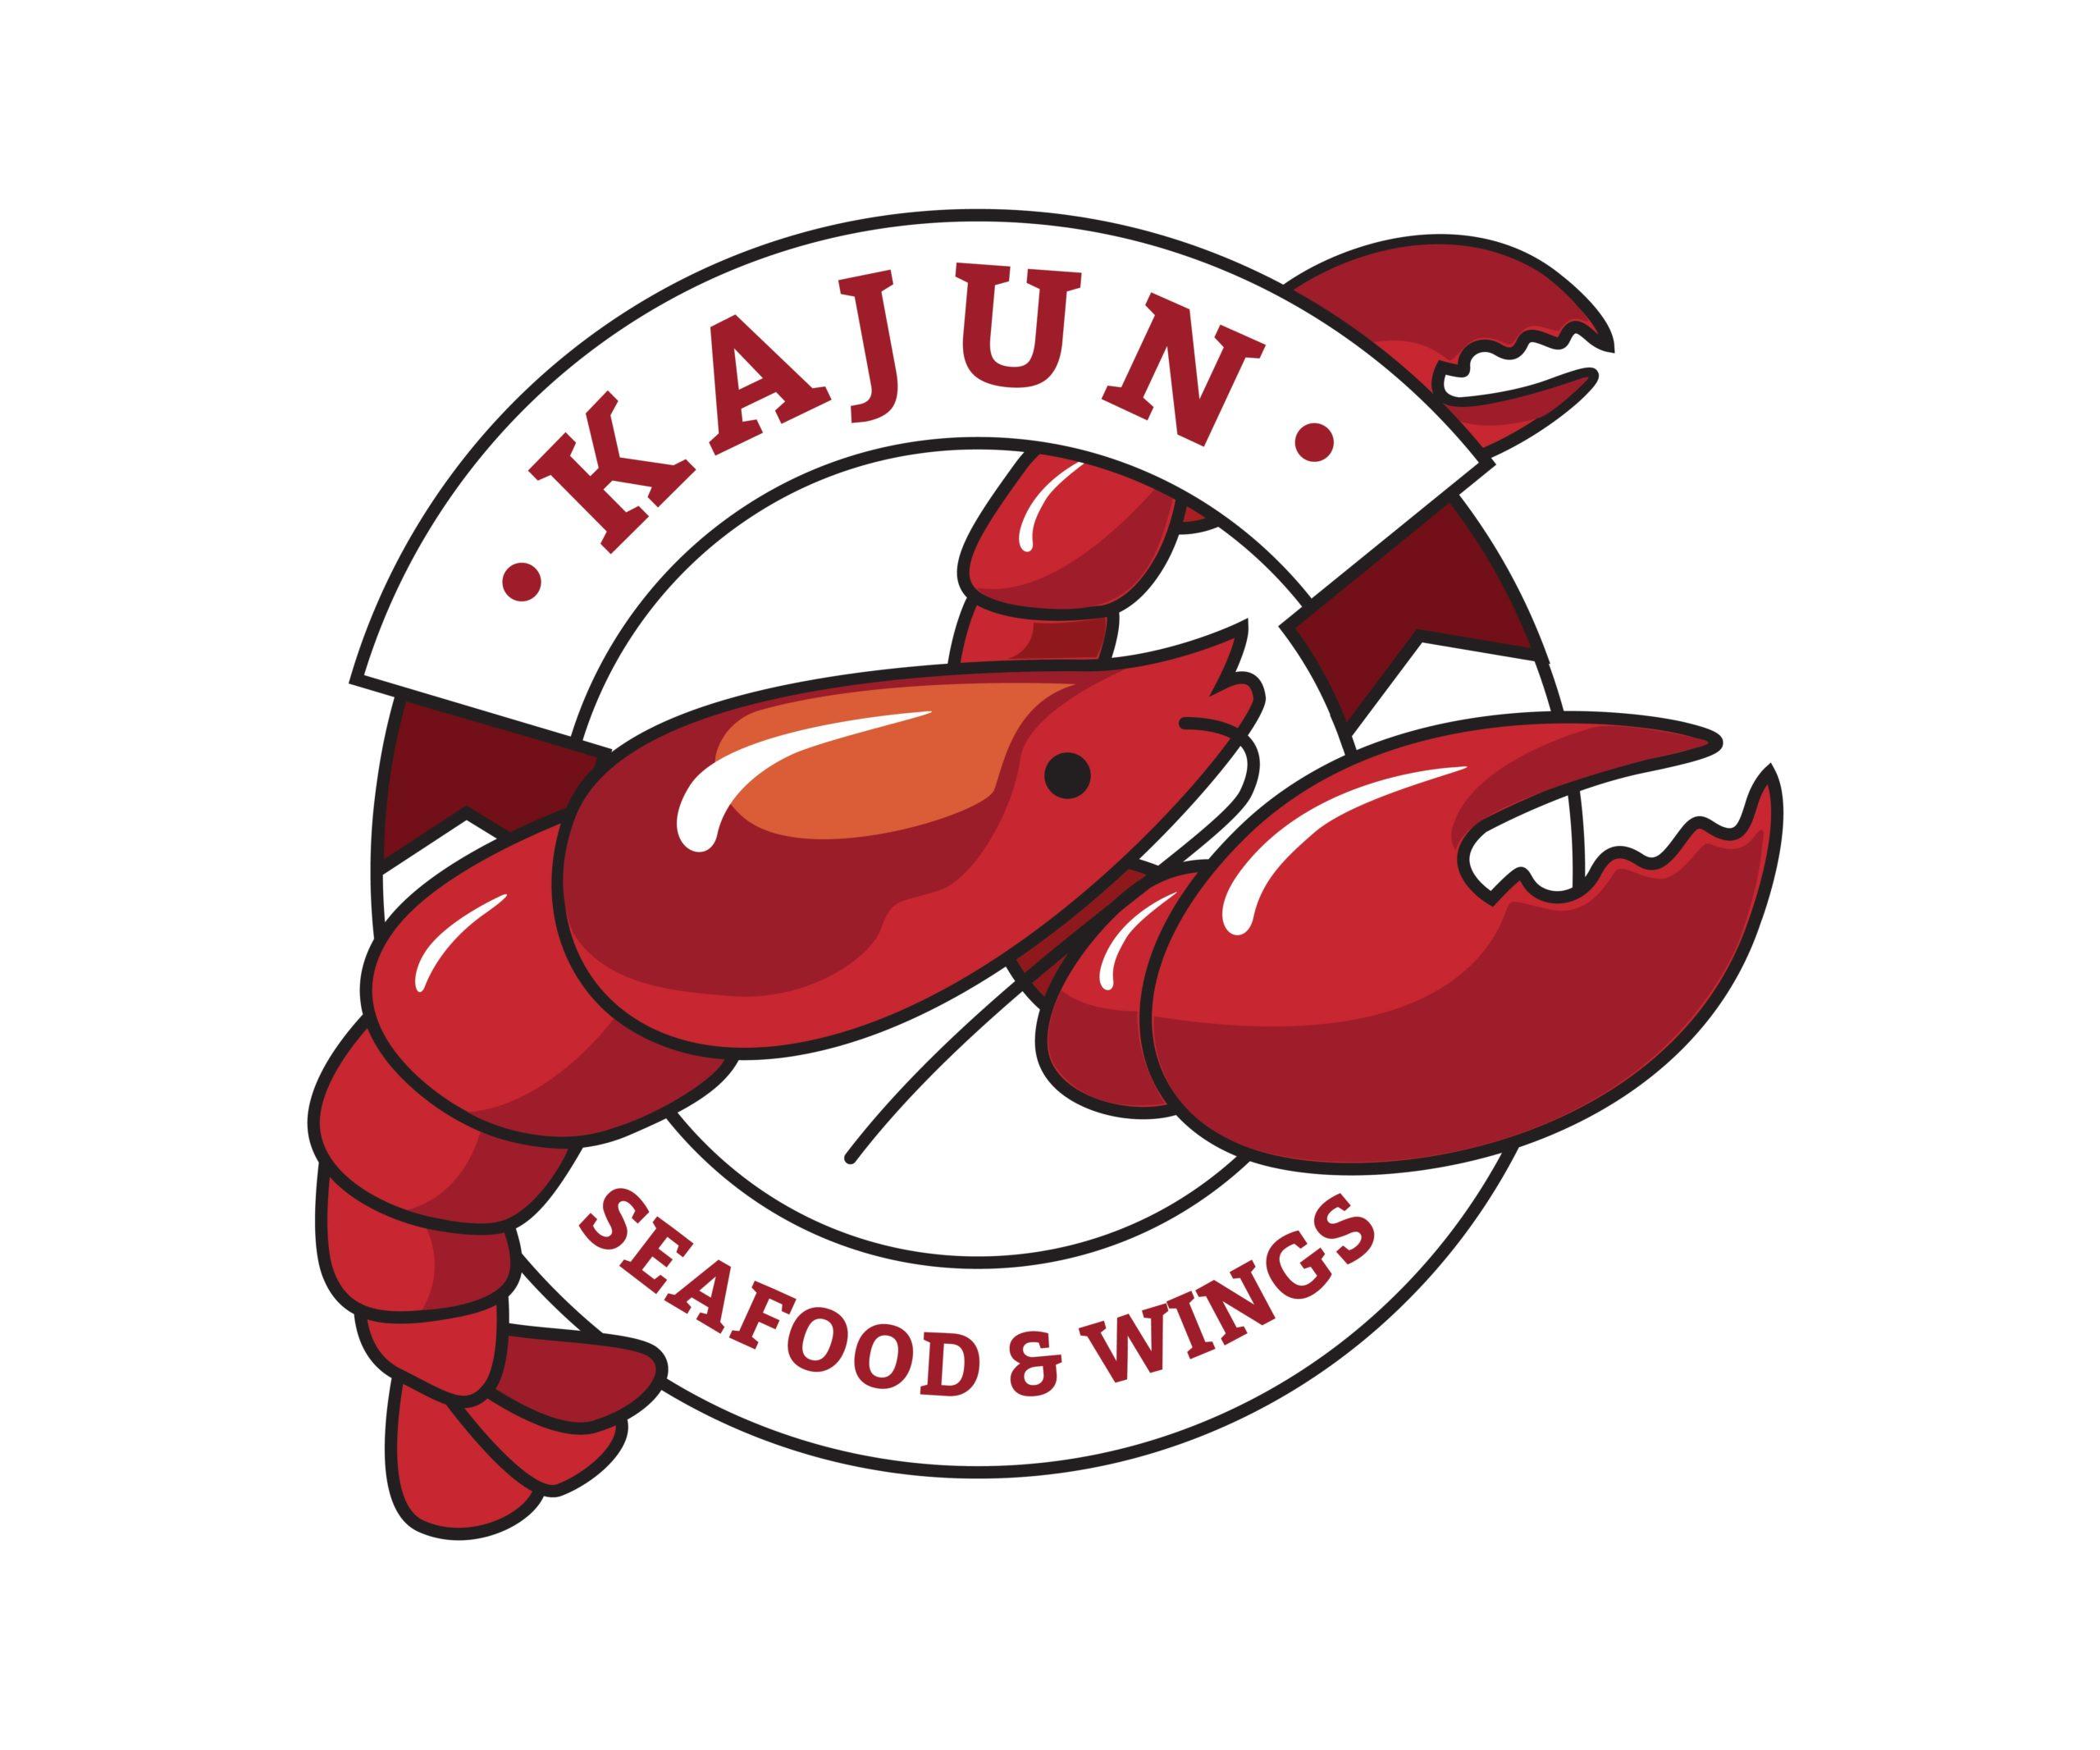 Kajun Seafod and WINGS